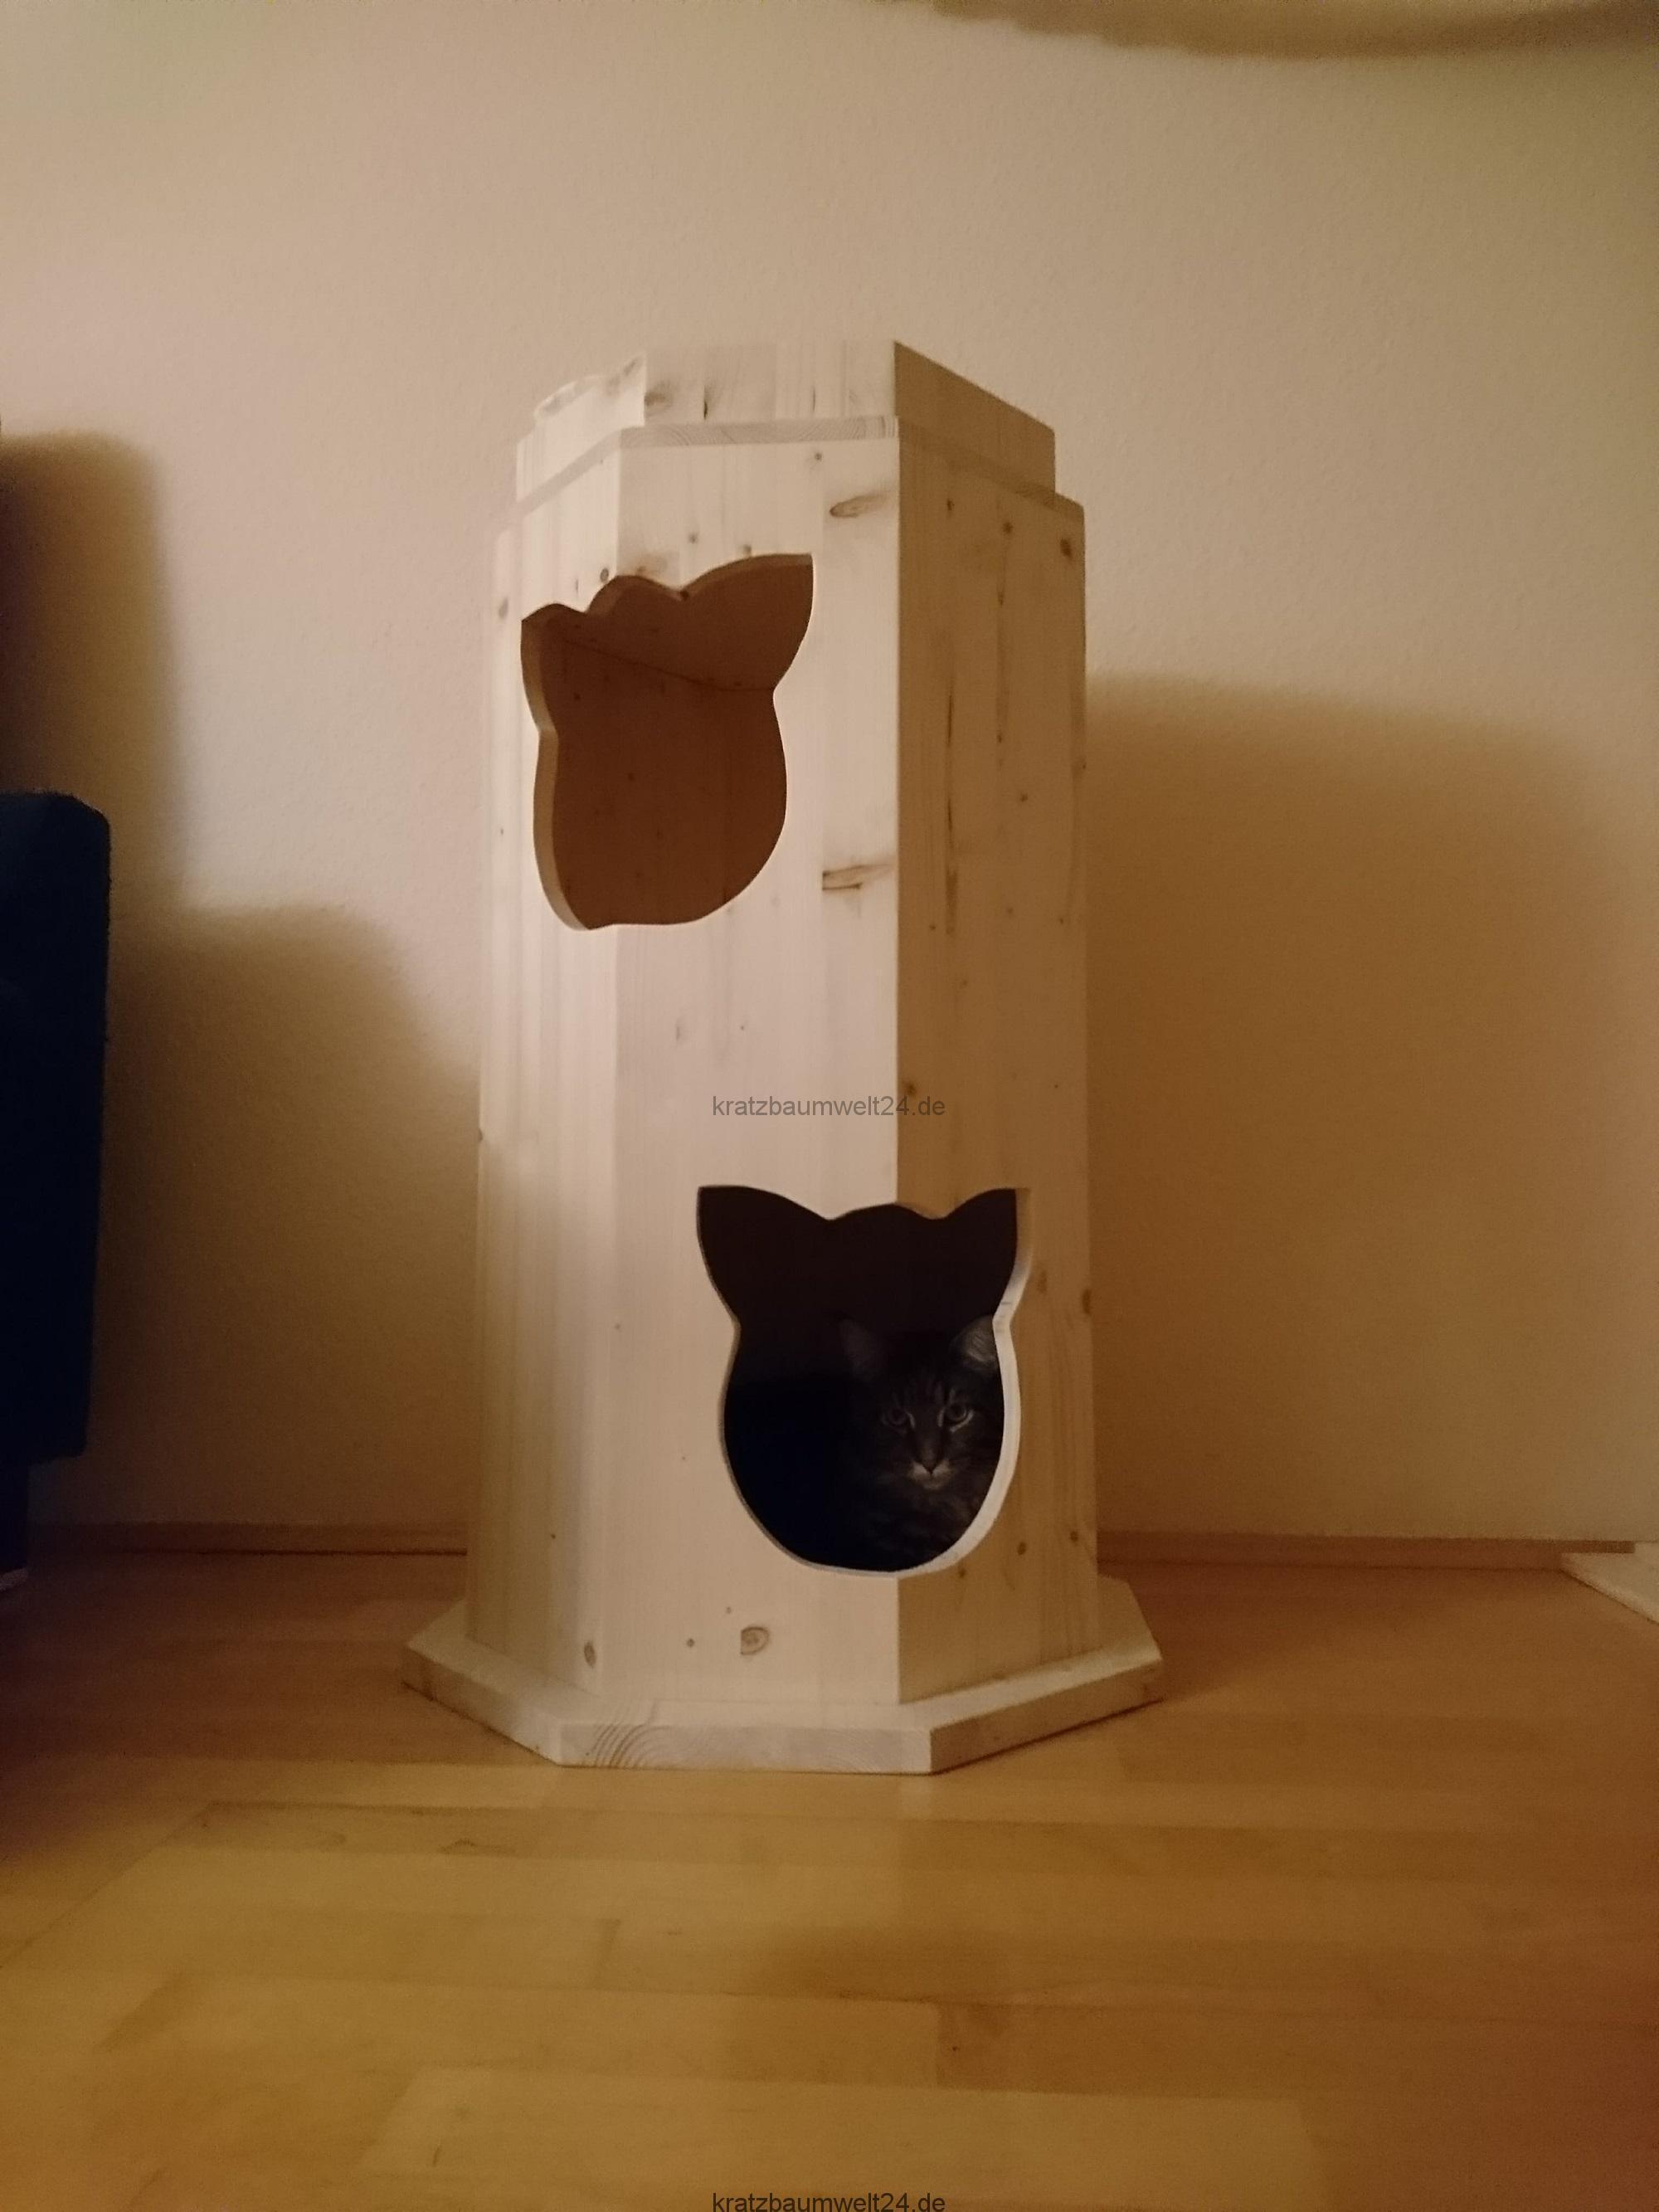 schlafpl tze f r katzen xxl kratztonne xxl tonne f r katzen wandkratzbaumsystem f r katzen. Black Bedroom Furniture Sets. Home Design Ideas